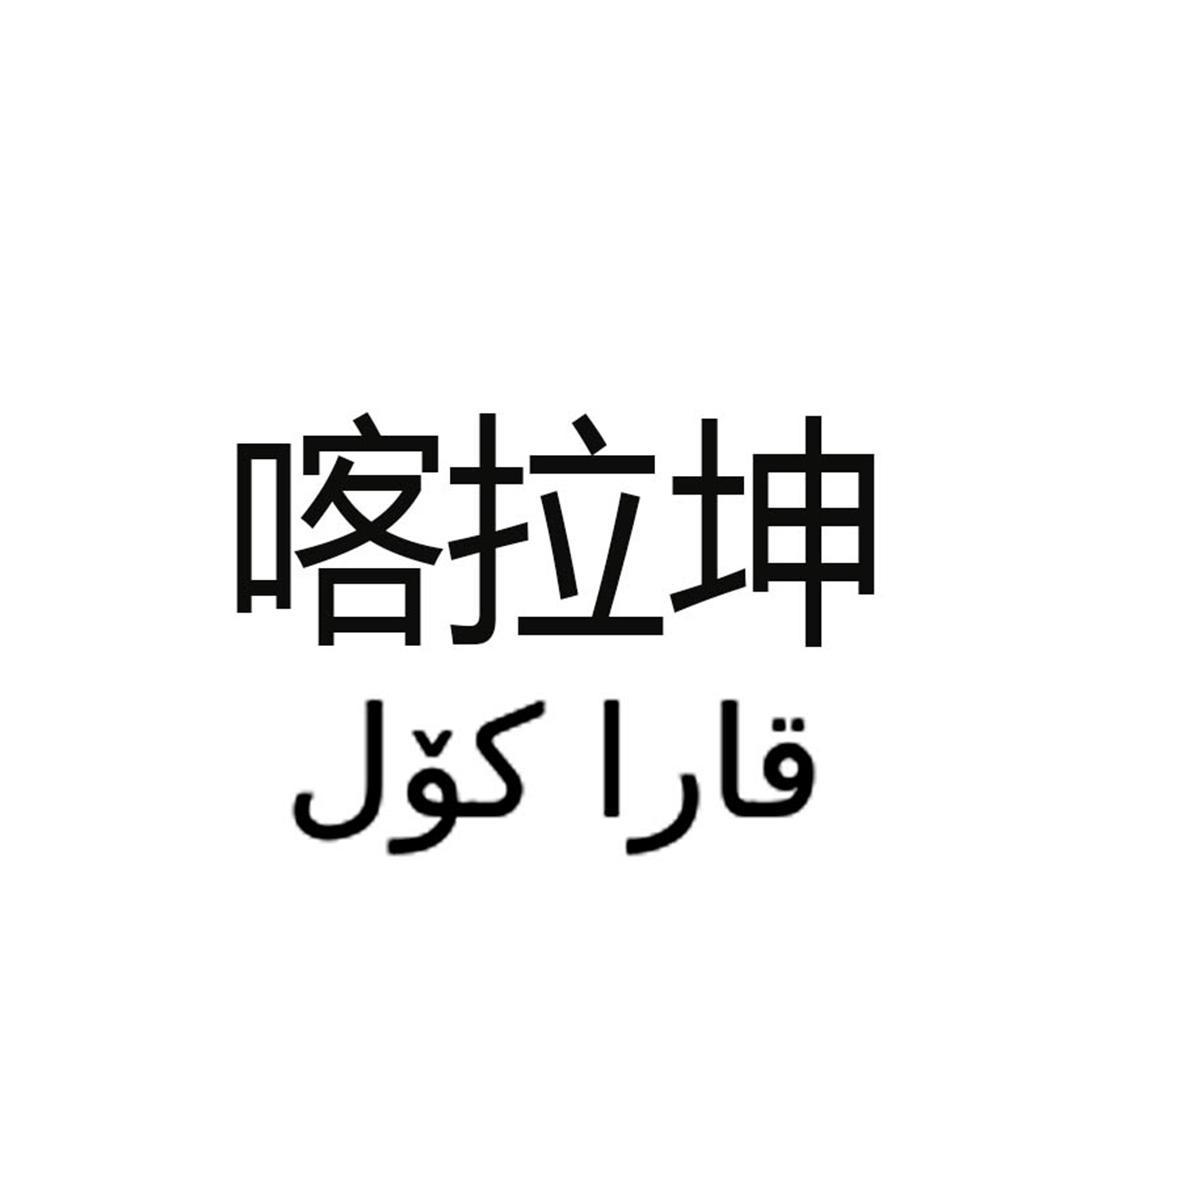 商标文字喀拉坤商标注册号 32619961、商标申请人柯坪县畜牧科技发展有限公司的商标详情 - 标库网商标查询